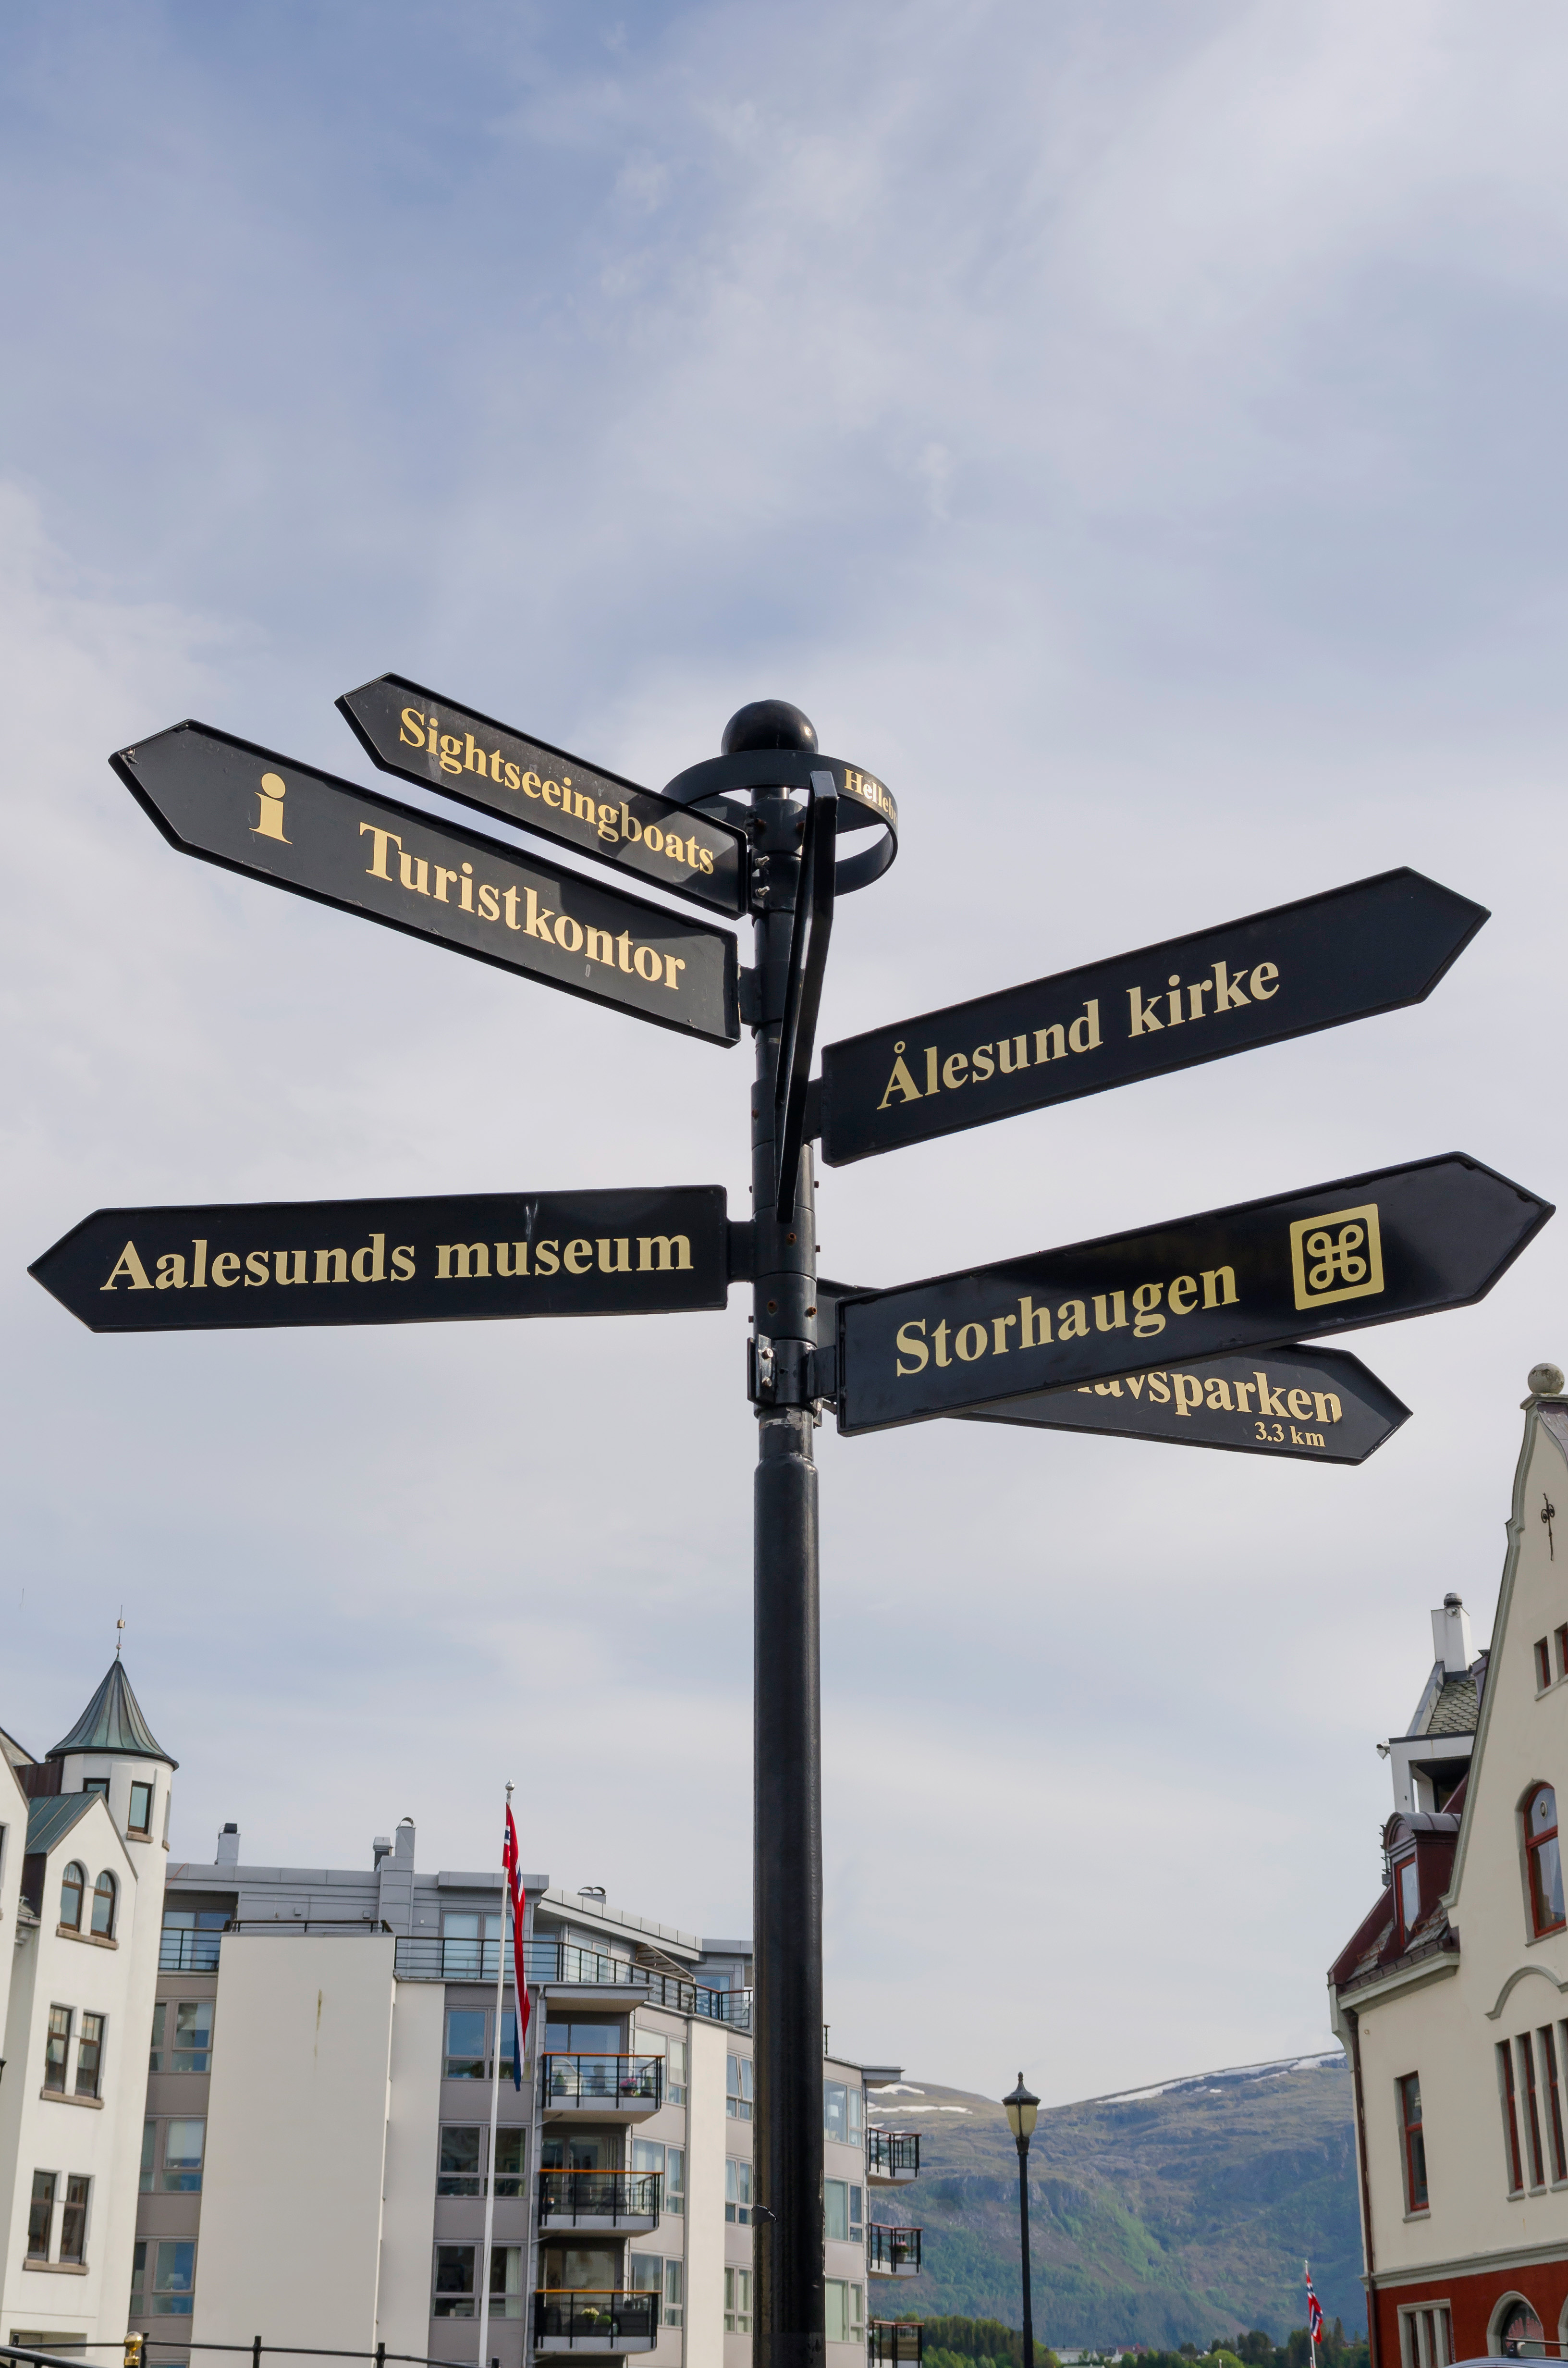 Aalesund Museum, imprescindible para conocer la historia del Art Noveau - Noruega Circuito Cabo Norte, Laponia y Fiordos